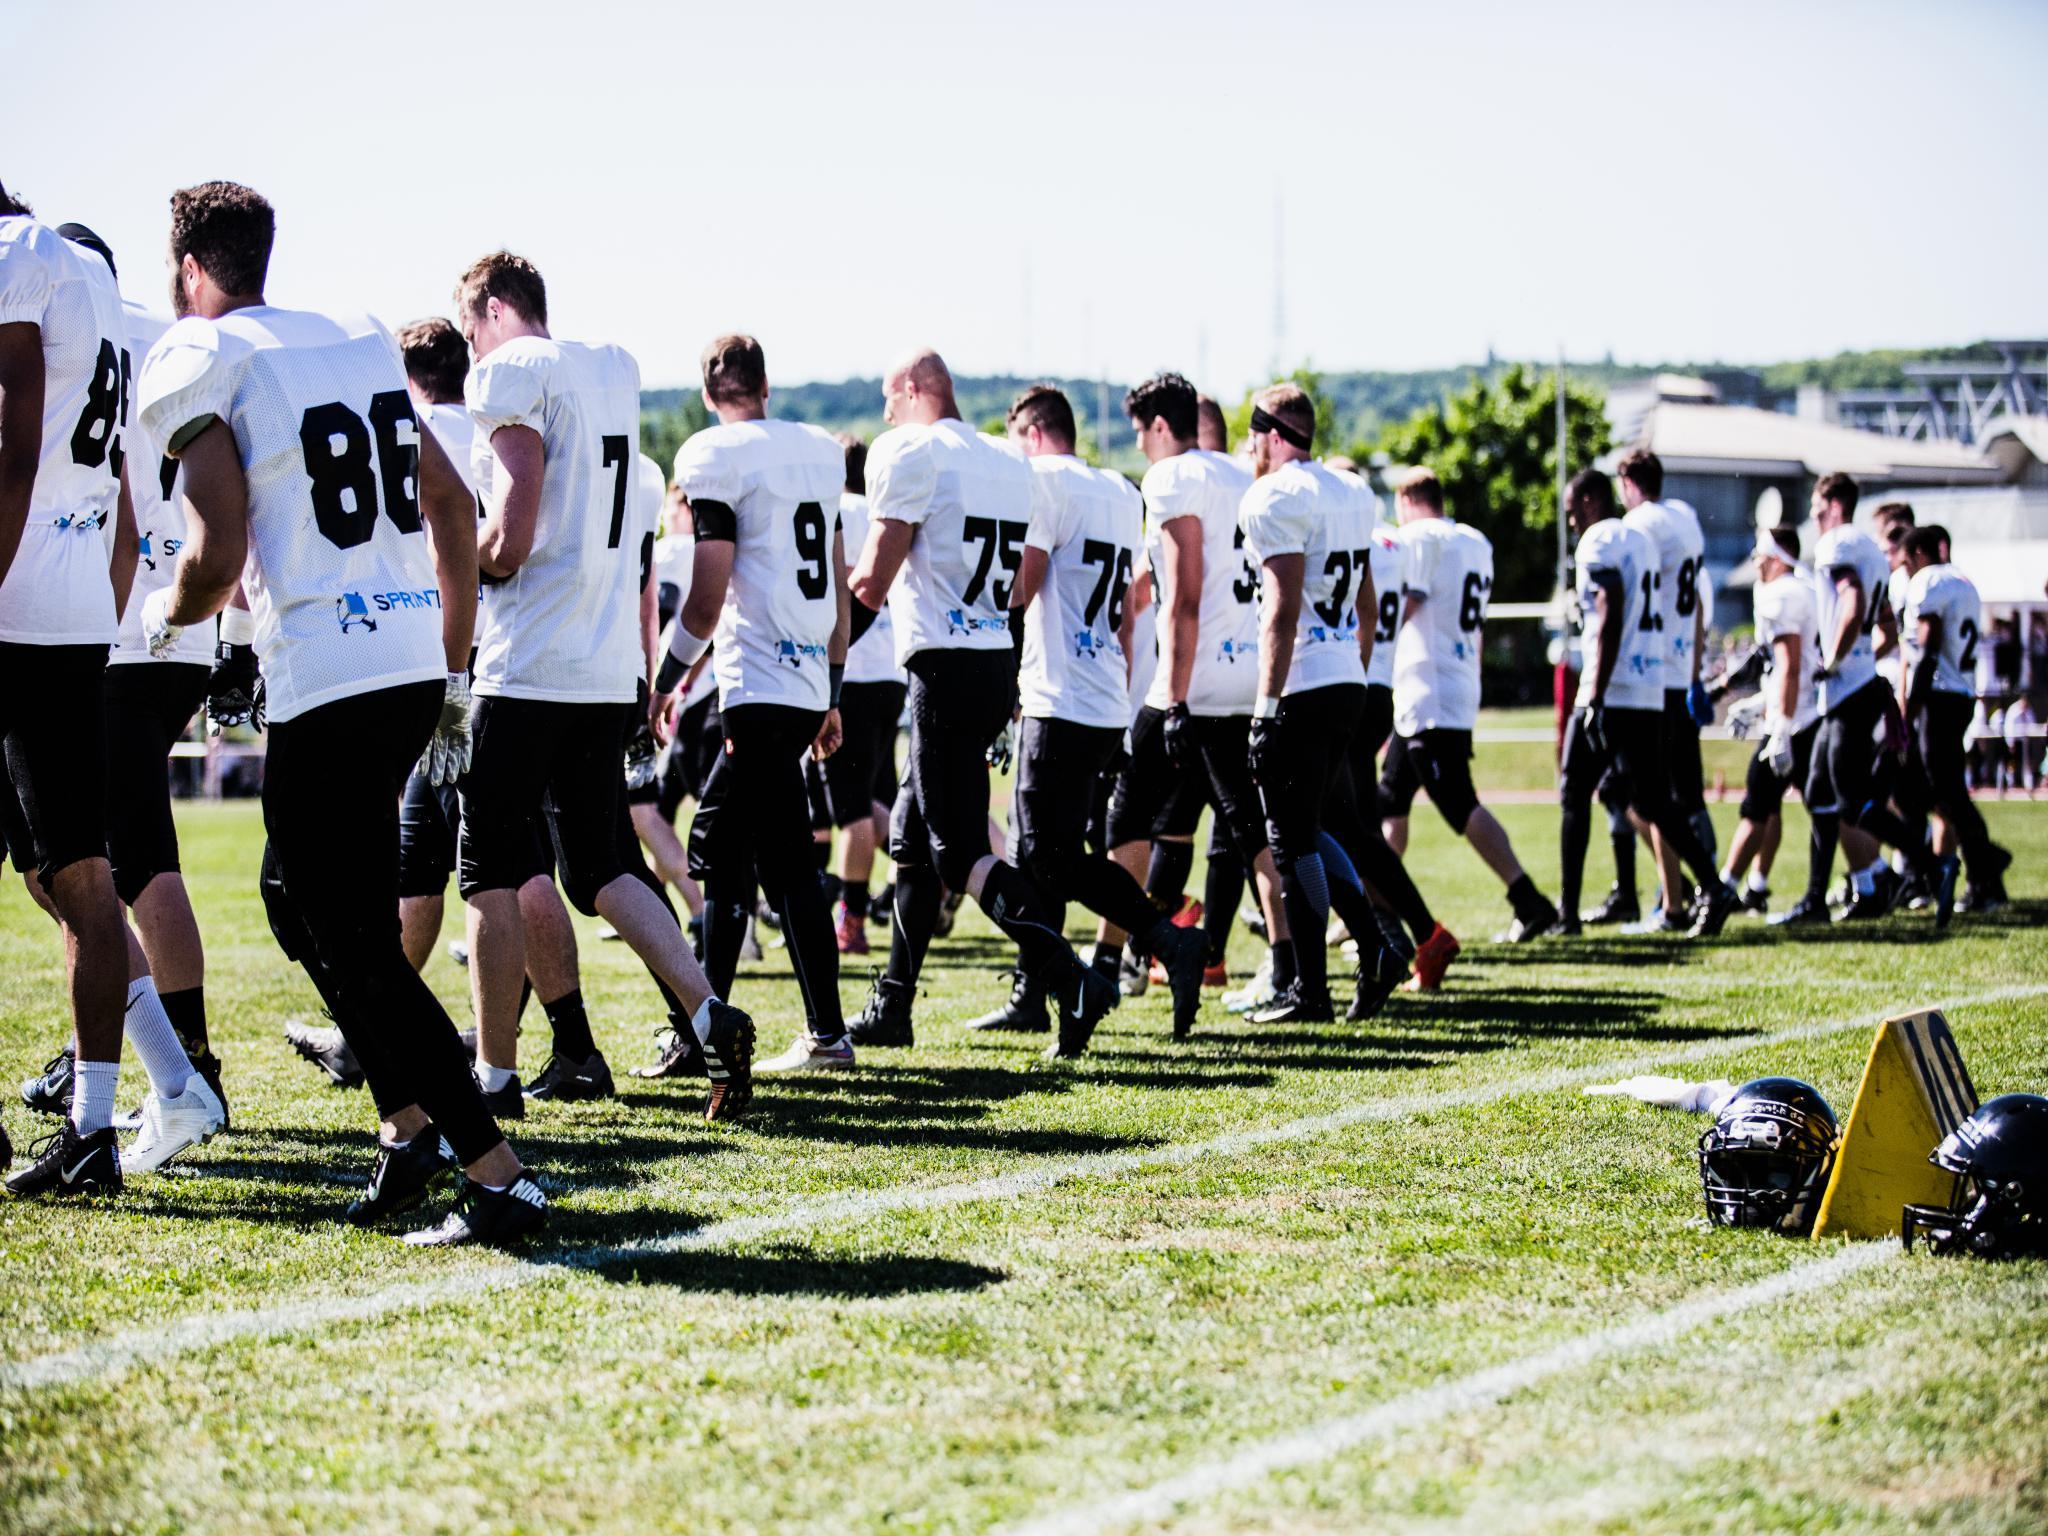 """Die American-Football-Mannschaft """"Würzburg Panthers"""" auf dem Platz. Foto: Kristina Funke"""